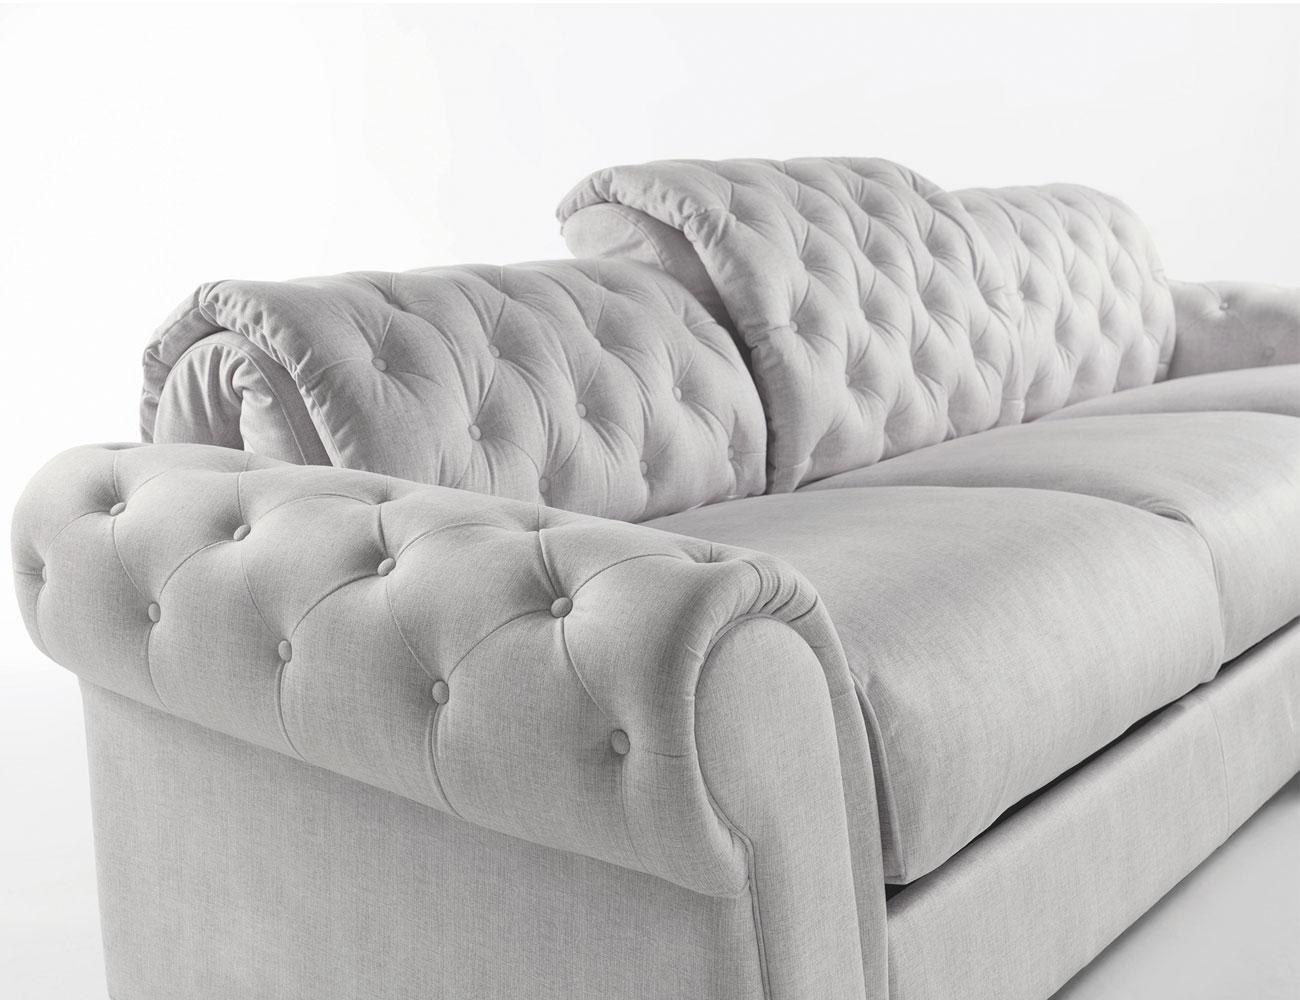 Sofa chaiselongue gran lujo decorativo capitone blanco tela 120